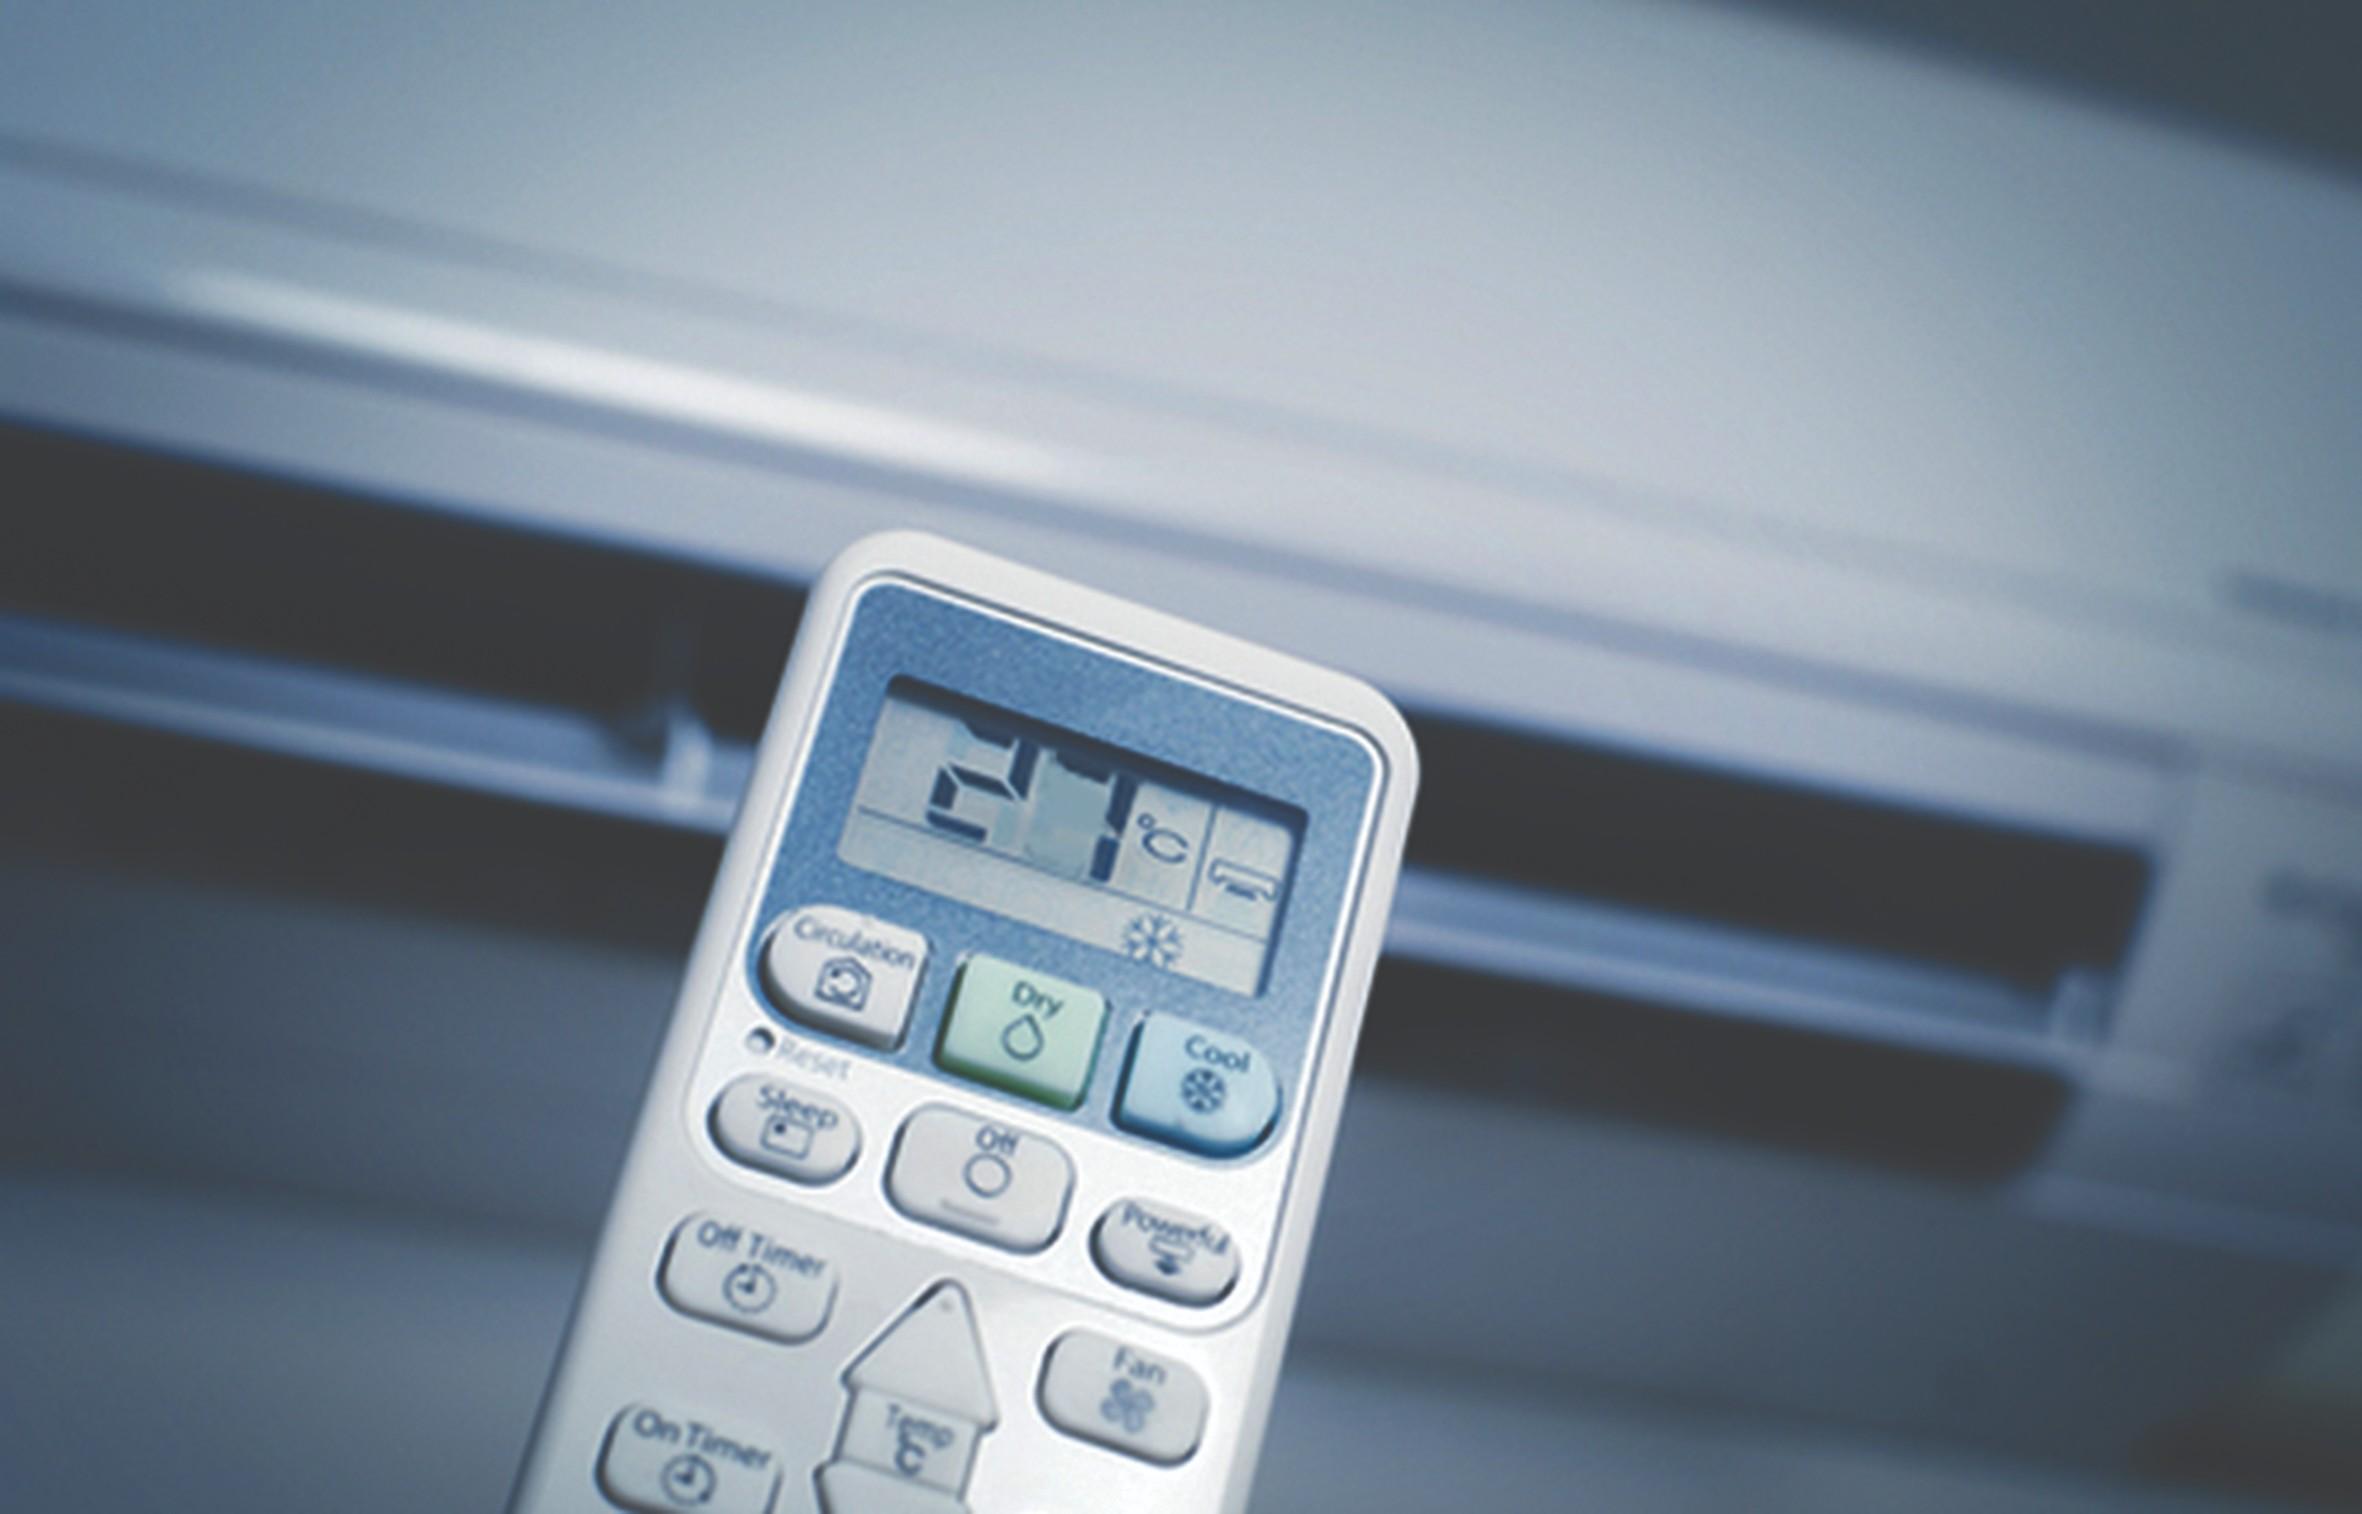 Cách bật điều hòa tiết kiệm điện, giúp máy bên hơn